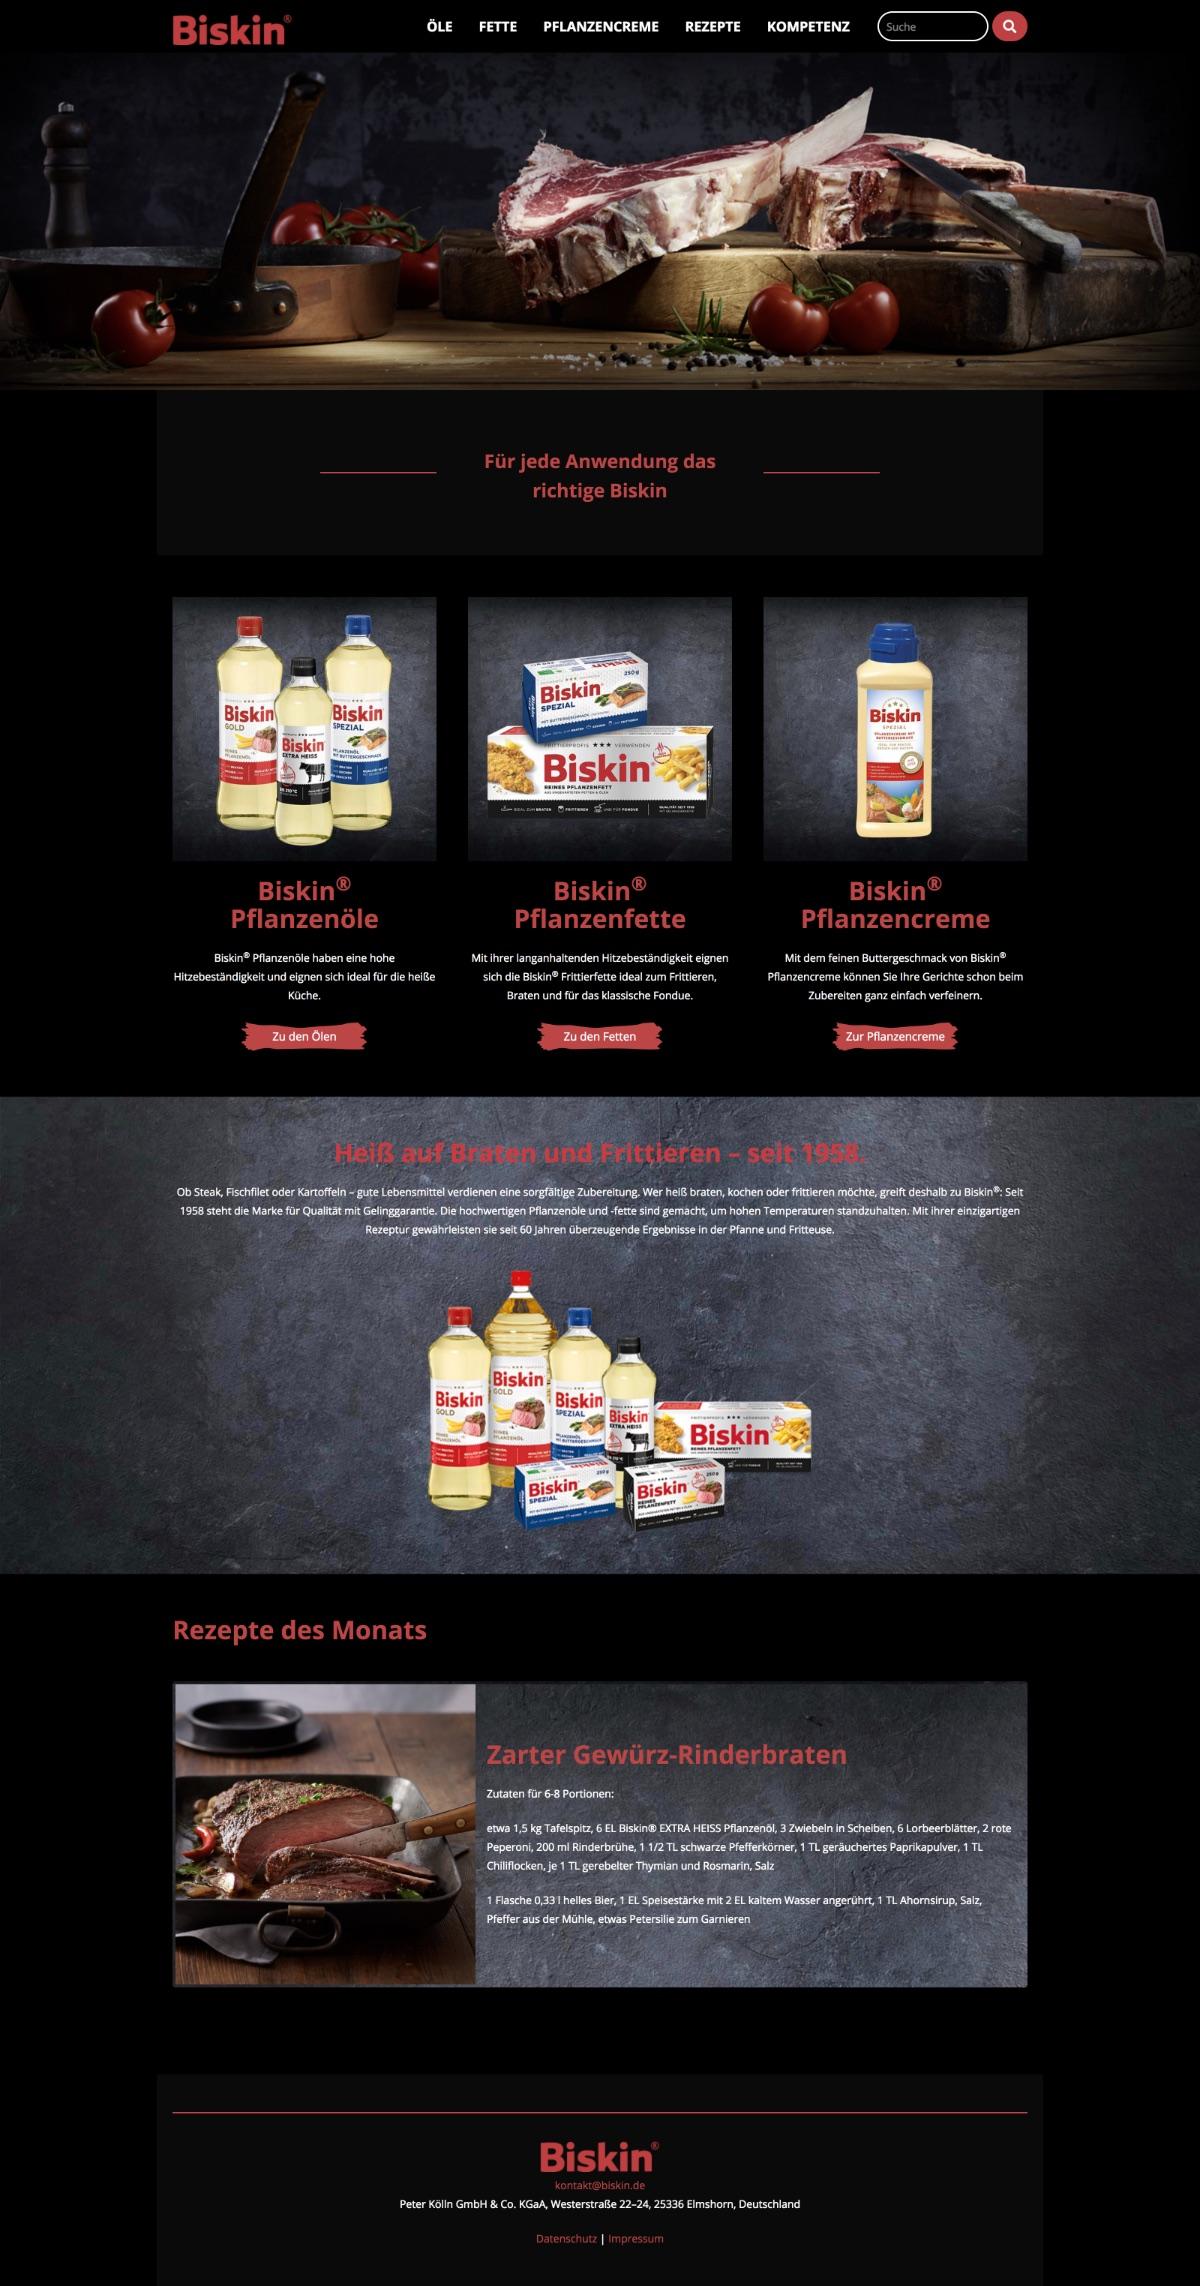 Biskin Website